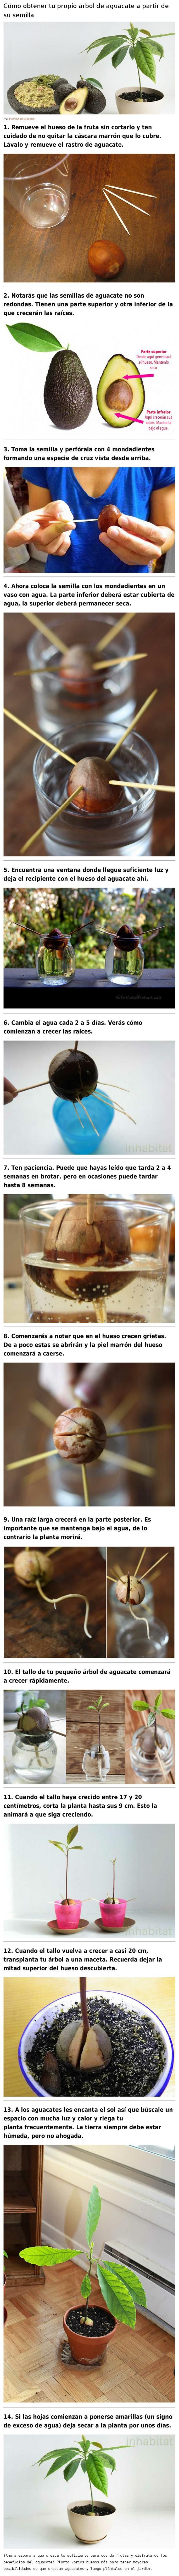 Obtene tu propio arbol de aguacate (palta)                                                                                                                                                                                 Más